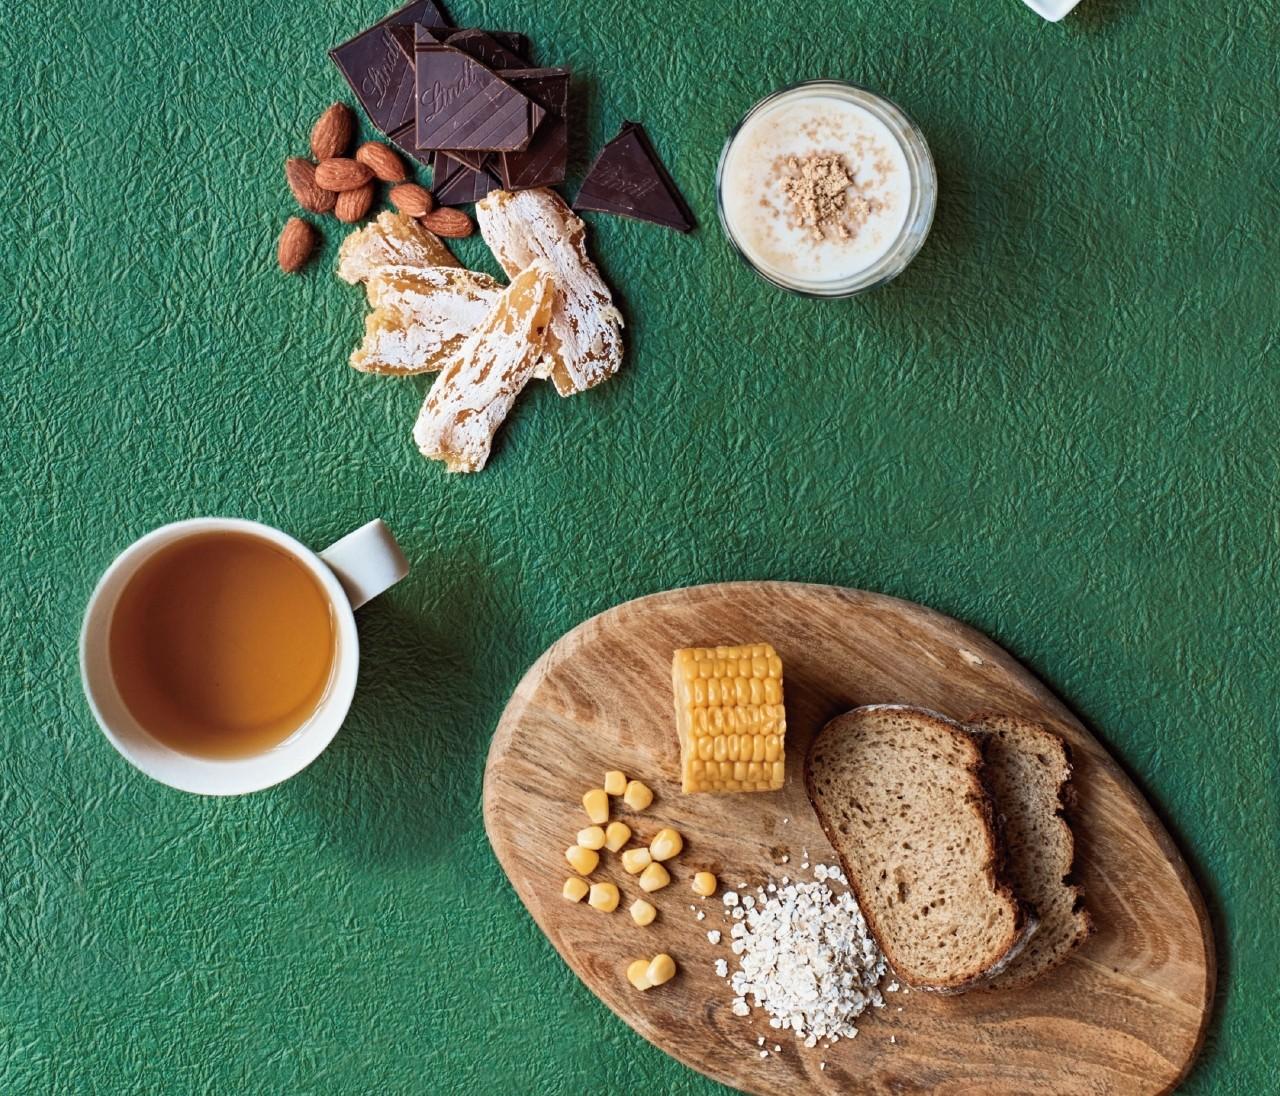 ダイエットにおすすめのパワーフード【美しく&痩せる食べ方】